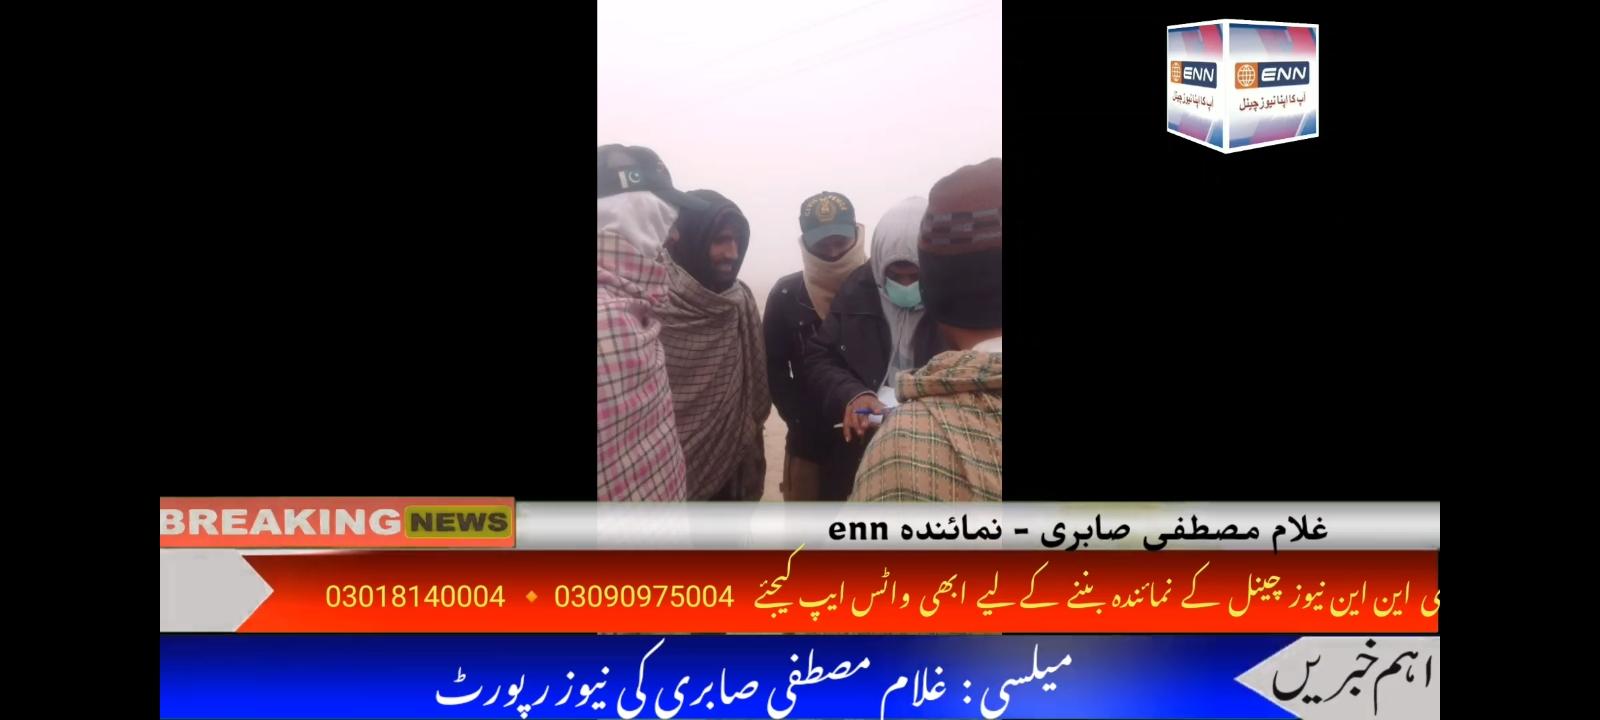 میلسی :  غلام مصطفی صابری کی نیوز رپورٹ